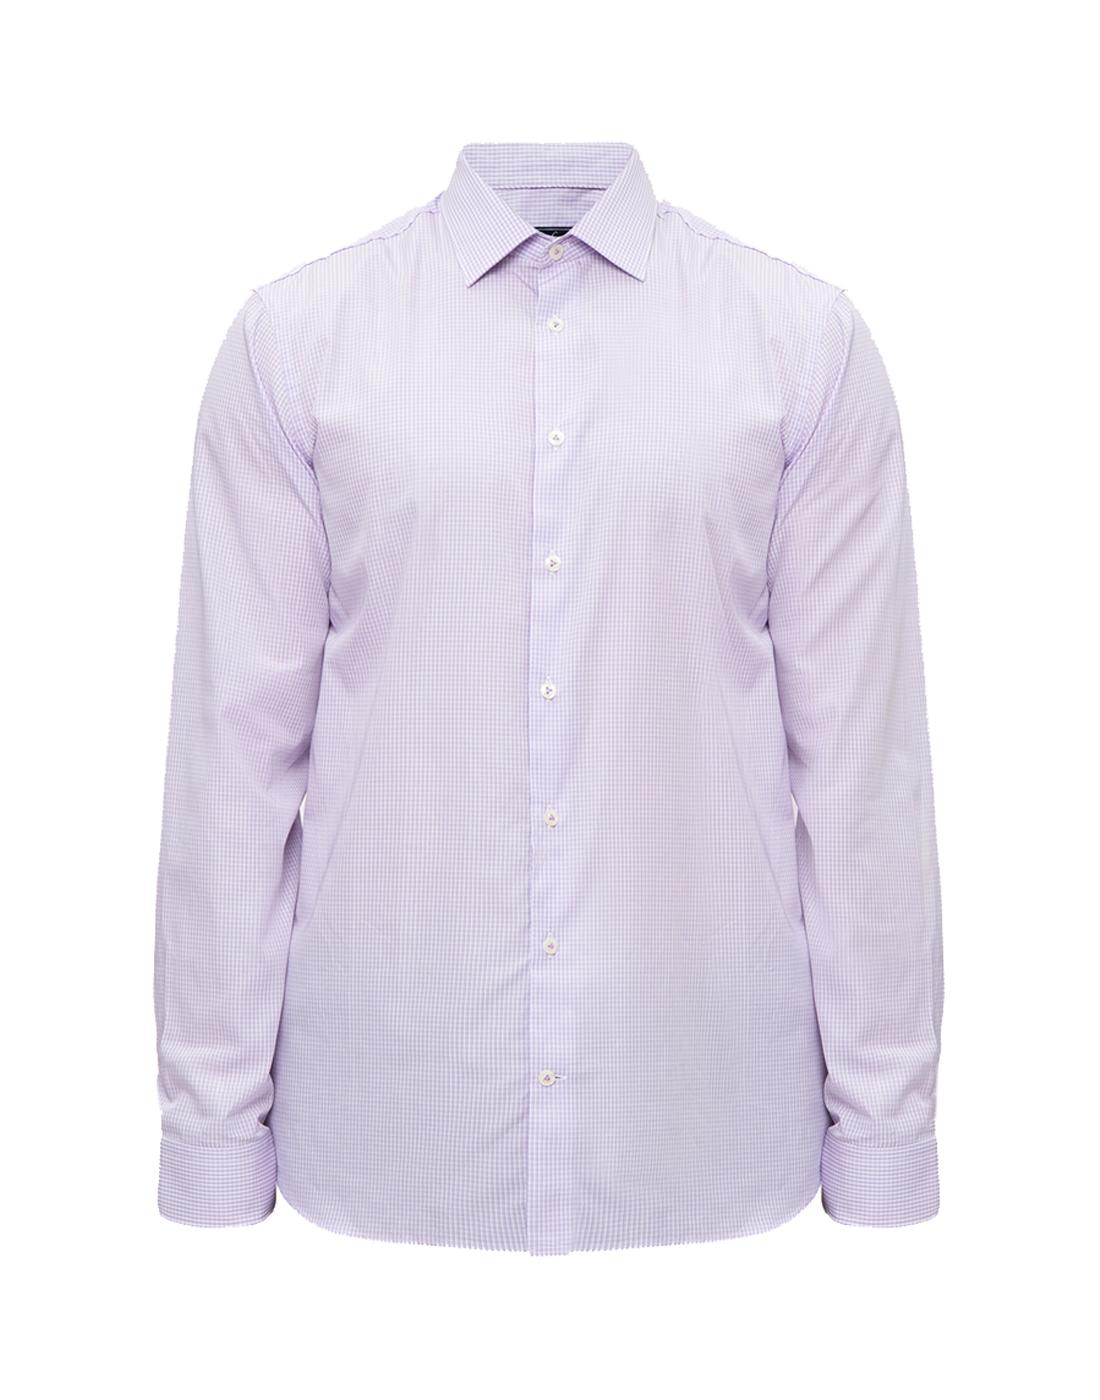 Мужская сиреневая рубашка в клетку Van Laack S151438/620-1